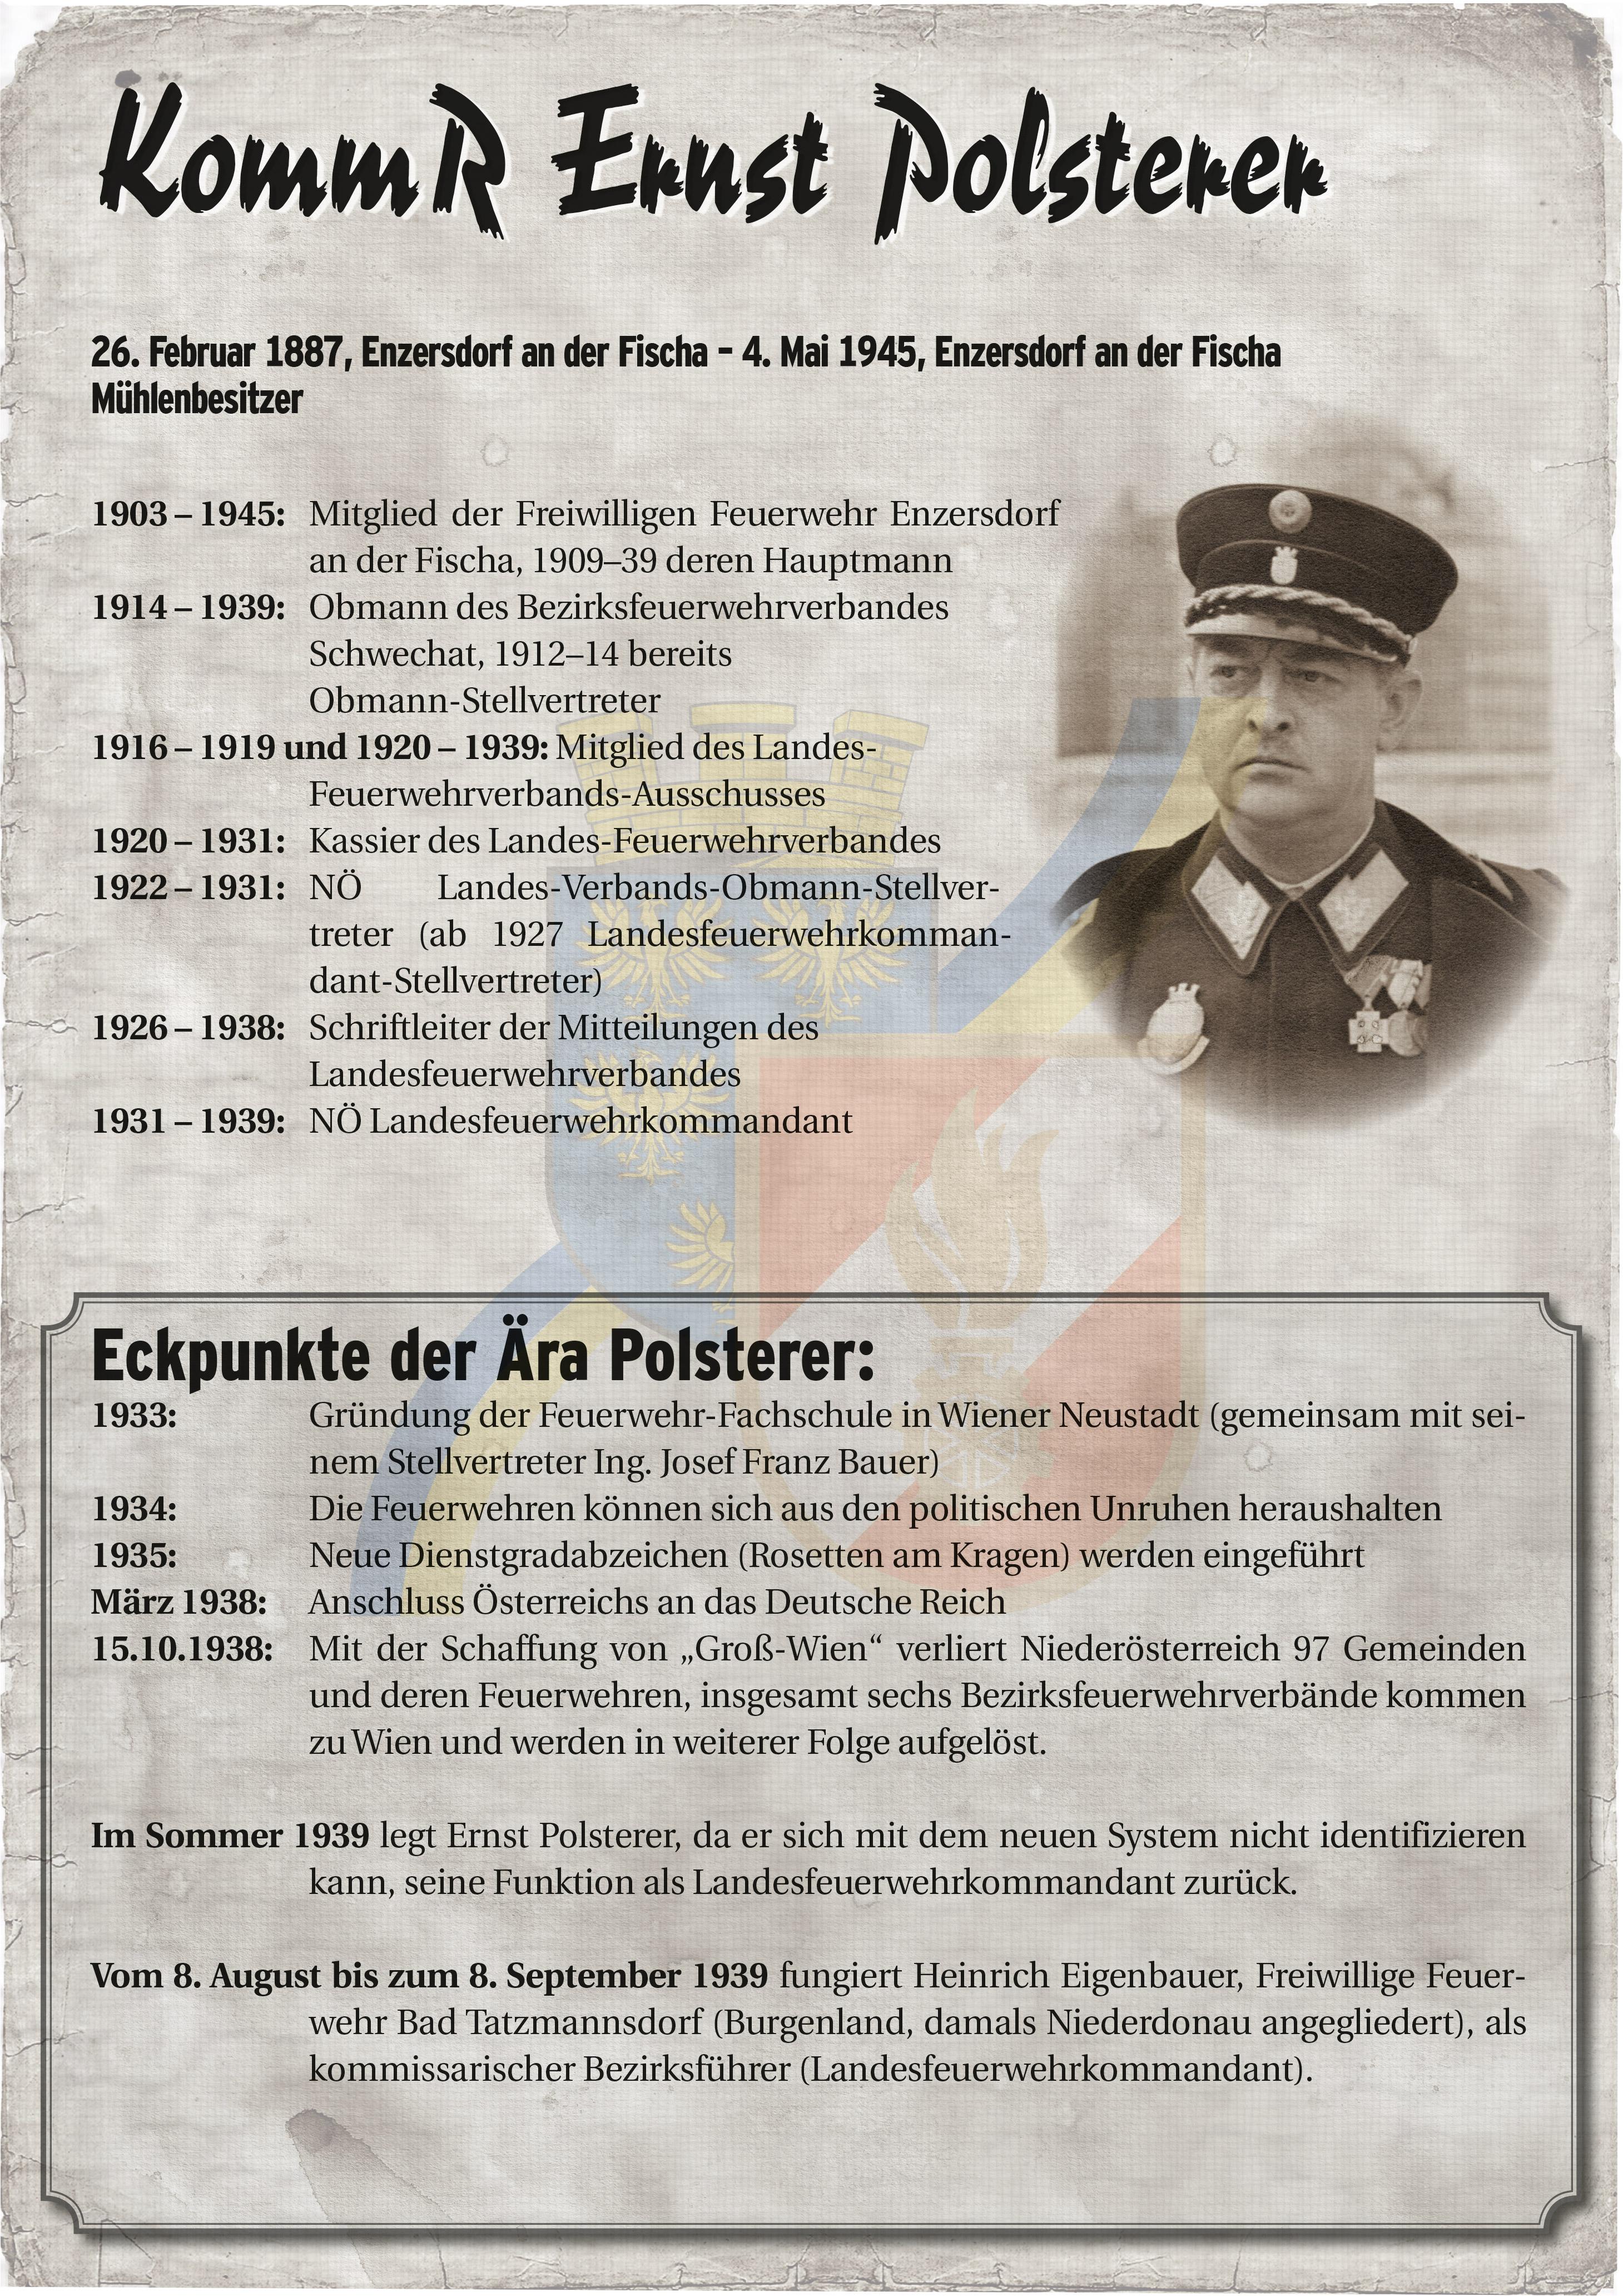 Infoblatt zur Zeit von Ernst Polsterer